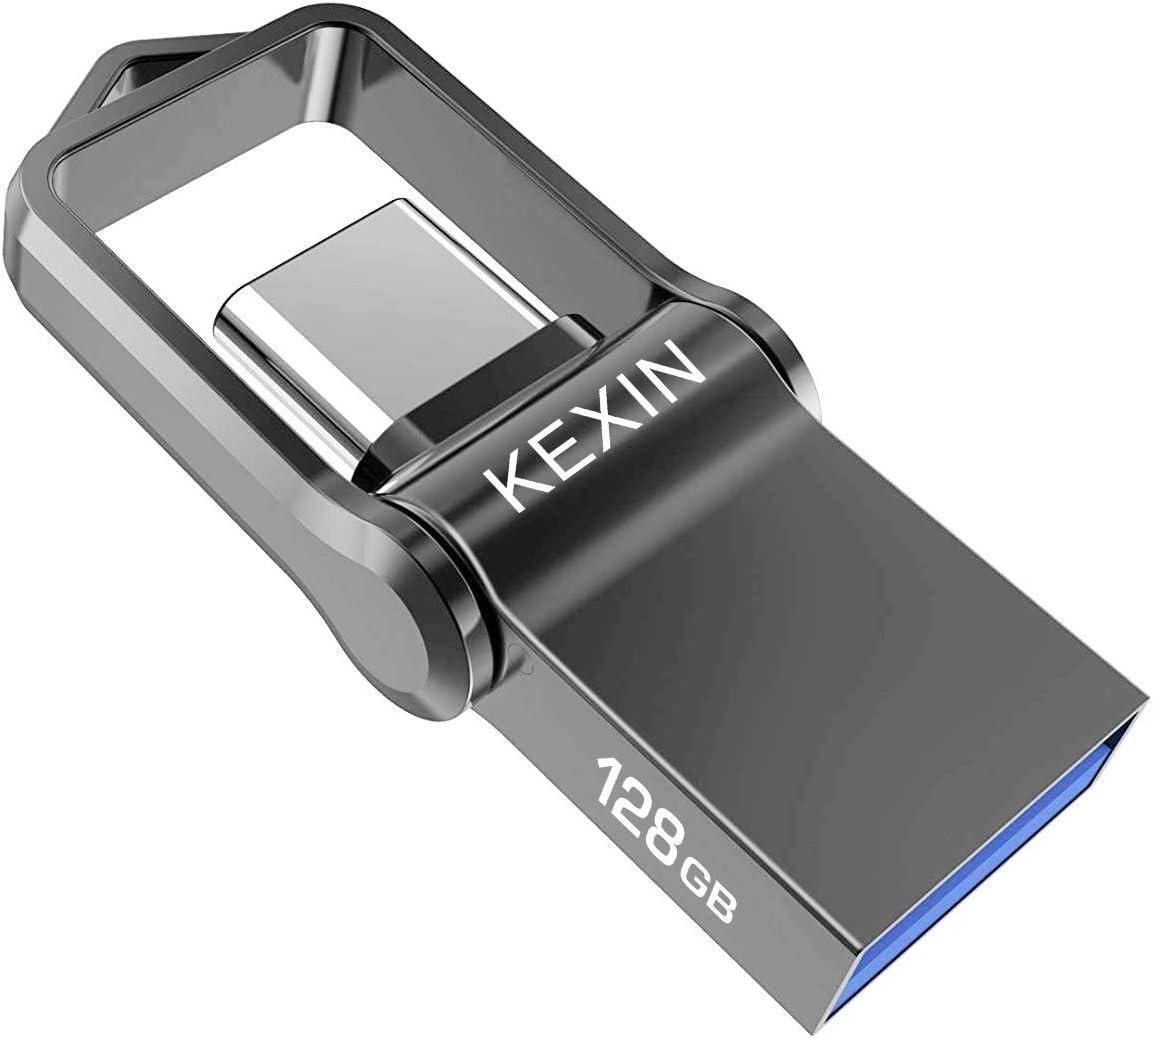 KEXIN Memoria USB 128GB 3.0 Tipo C Pendrive USB Metal Impermeable a prueba de golpes Llave Pendrive USB 2 en 1 Memory Stick U Disco OTG Flash para Samsung/HUAWEI/ Macbook Pro PC (Negro)